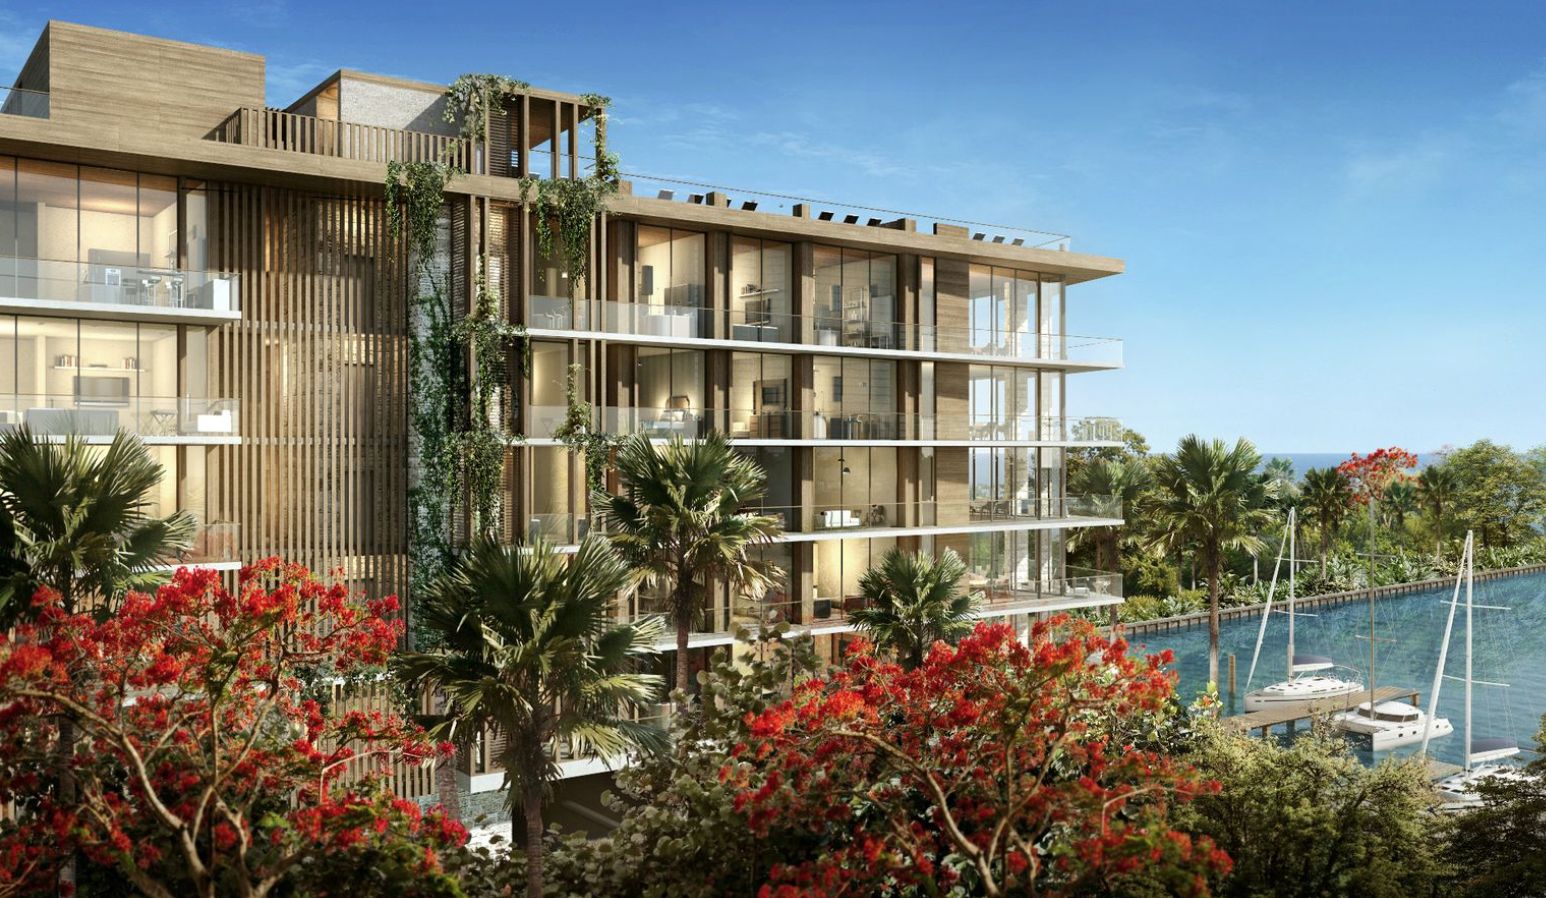 The Fairchild Coconut Grove